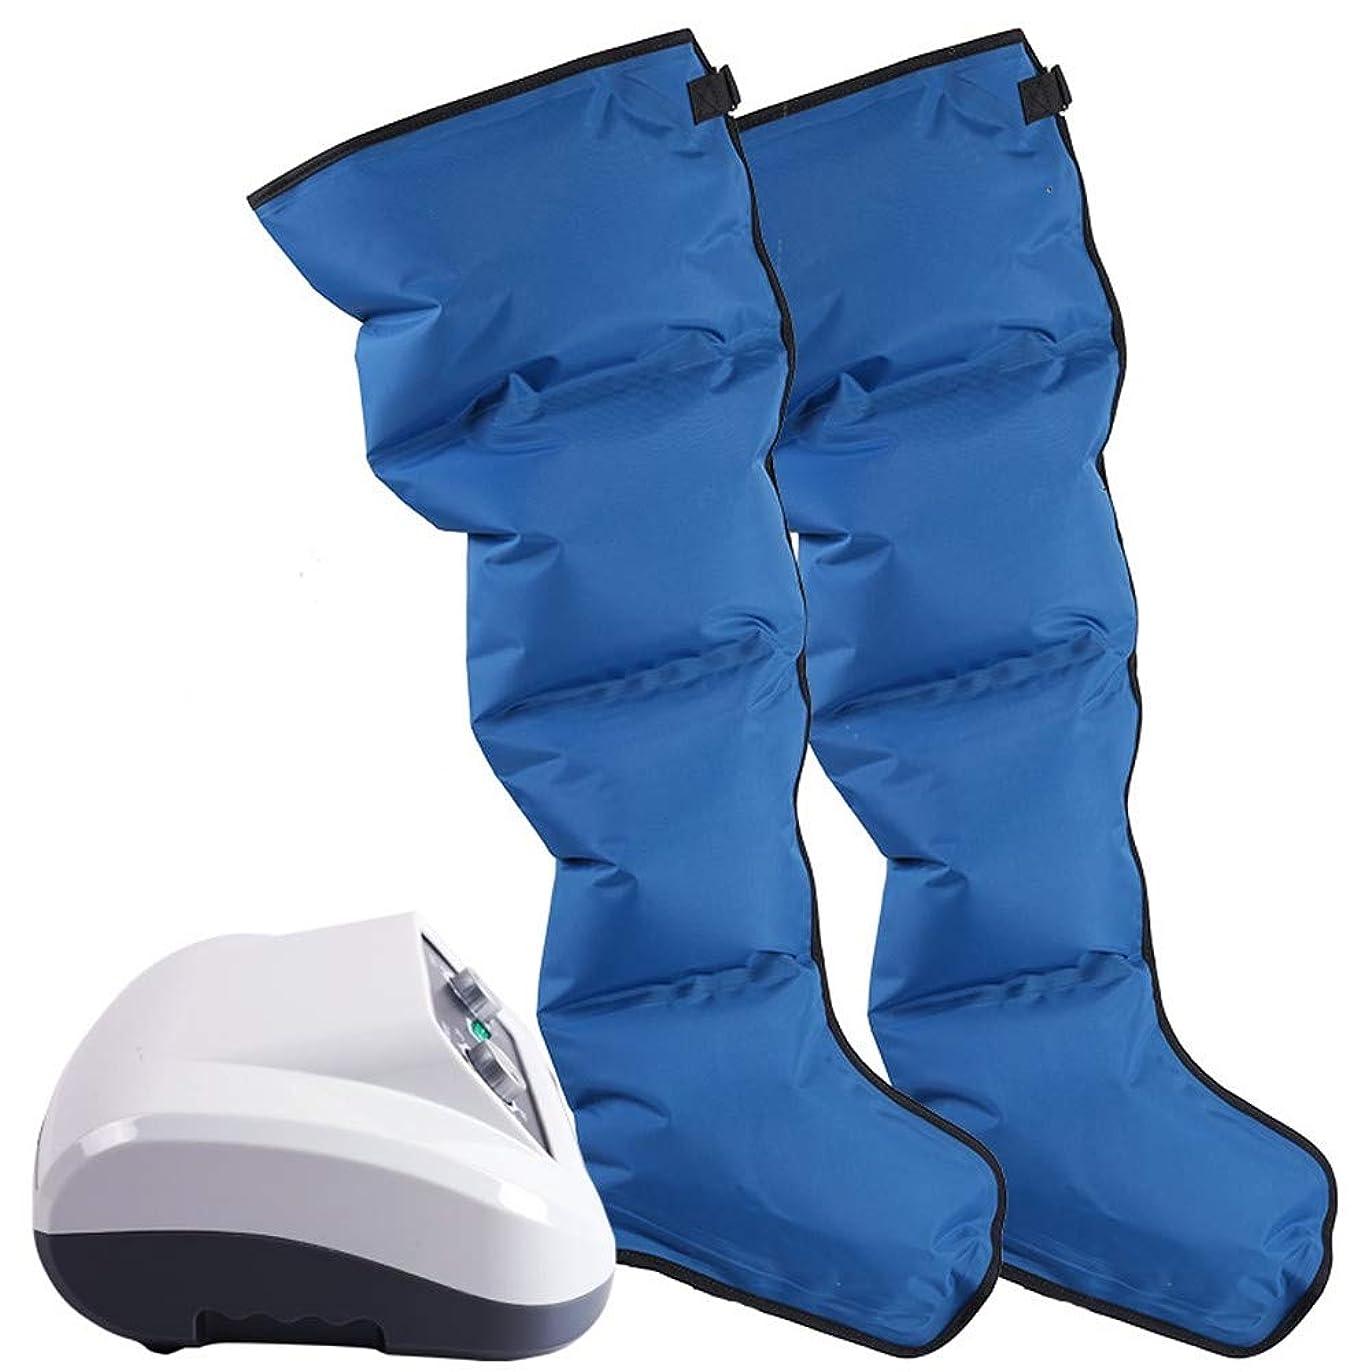 帽子修理可能最初にレッグエアマッサージ、高齢者空気圧レッグマッサージ、レッグアンドヒップリカバリーシステム、血液循環促進疲労の空気圧を緩和するフットレッグマッサージャー(ホスト付き)